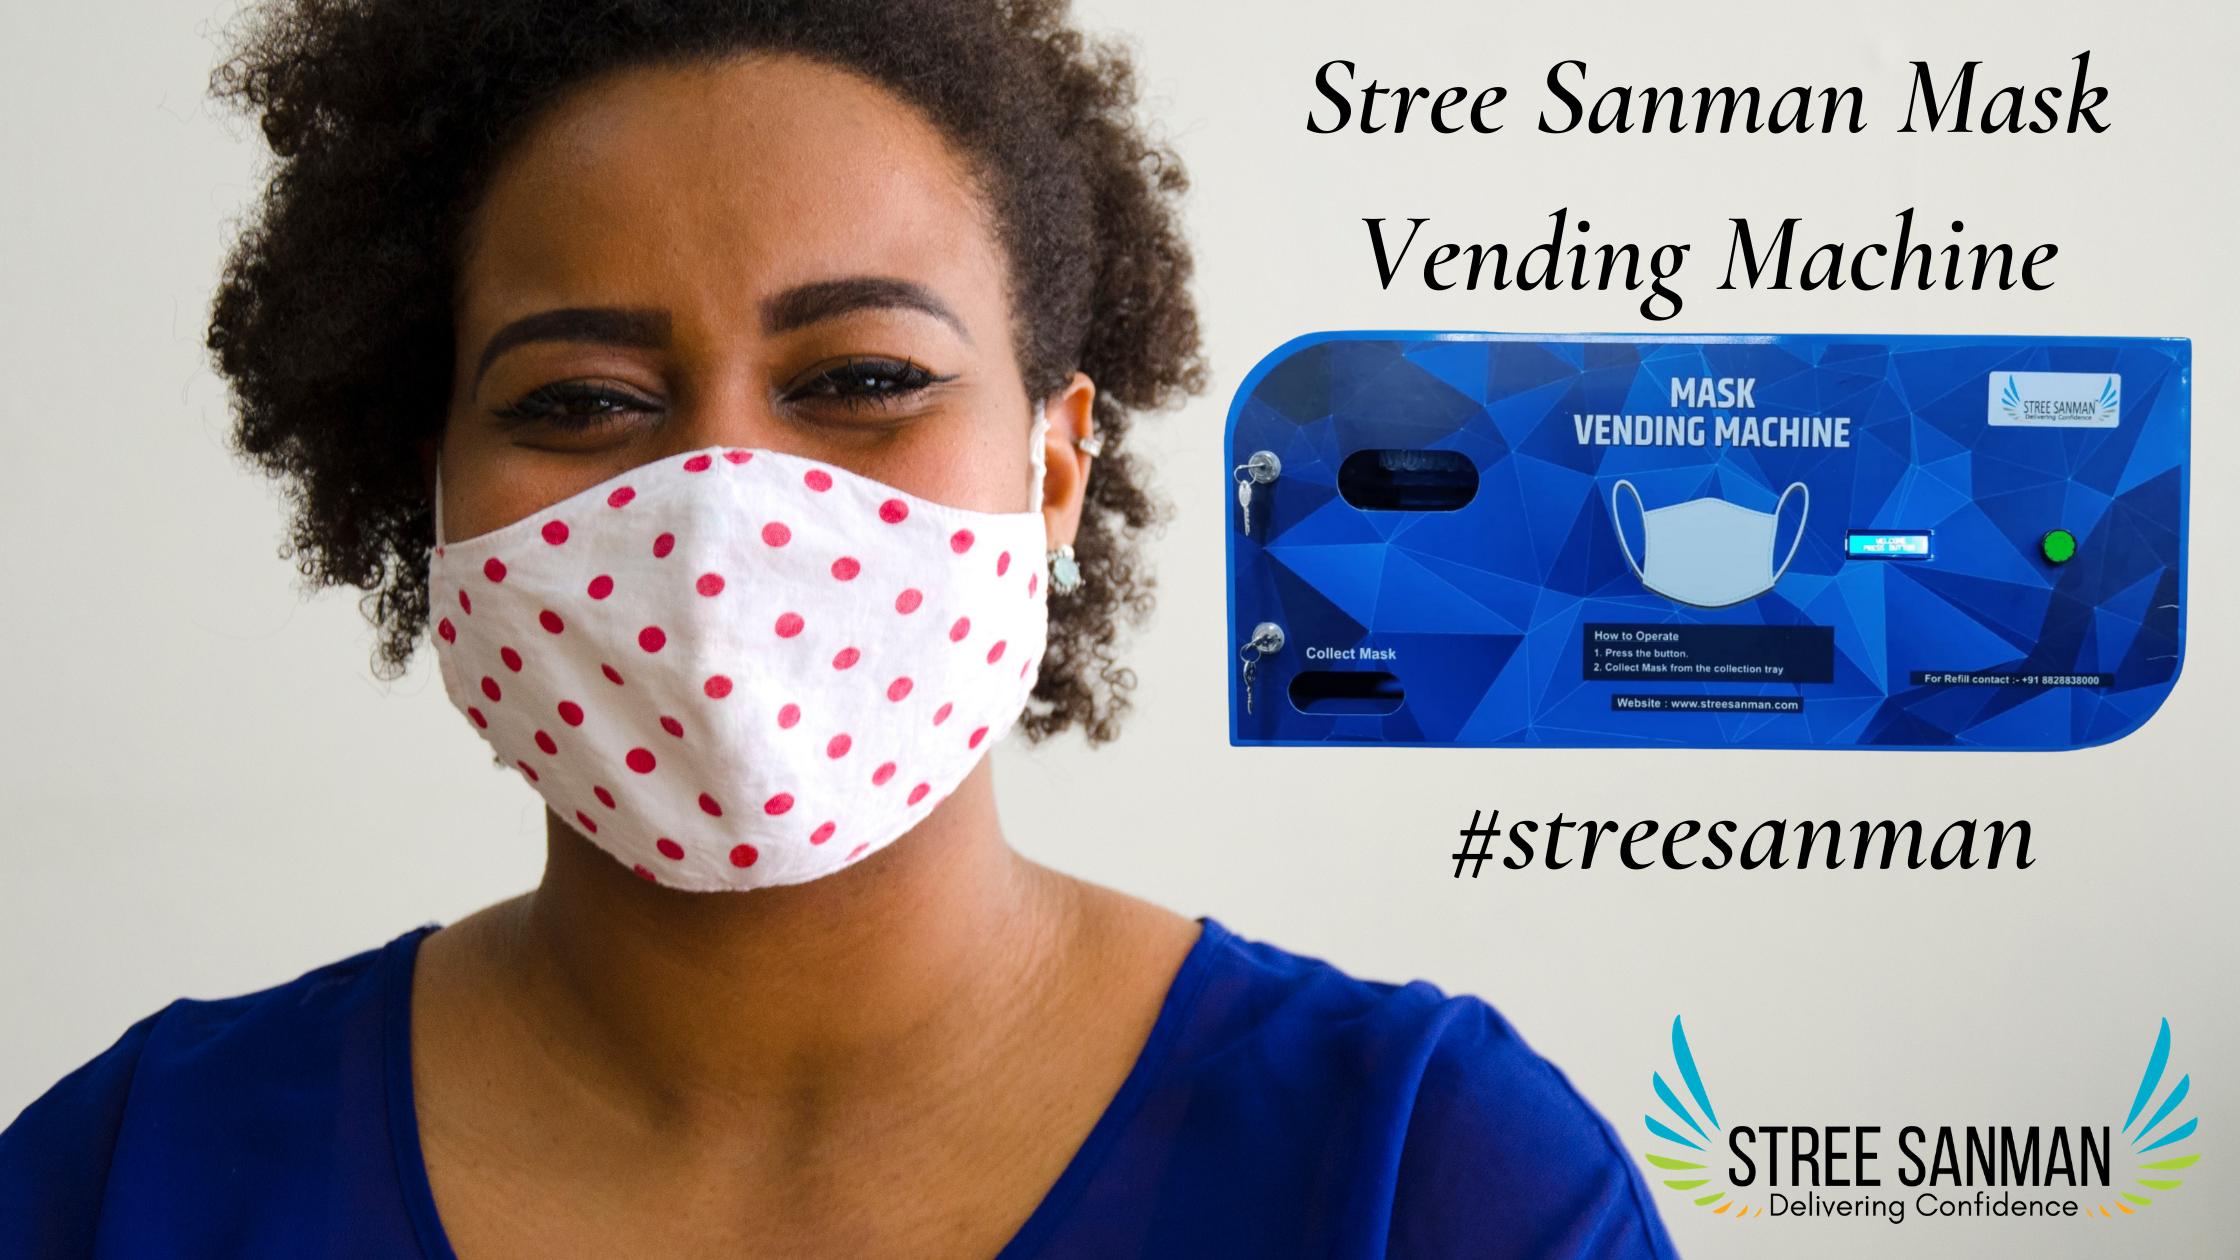 Stree Sanman Mask Vending Machine